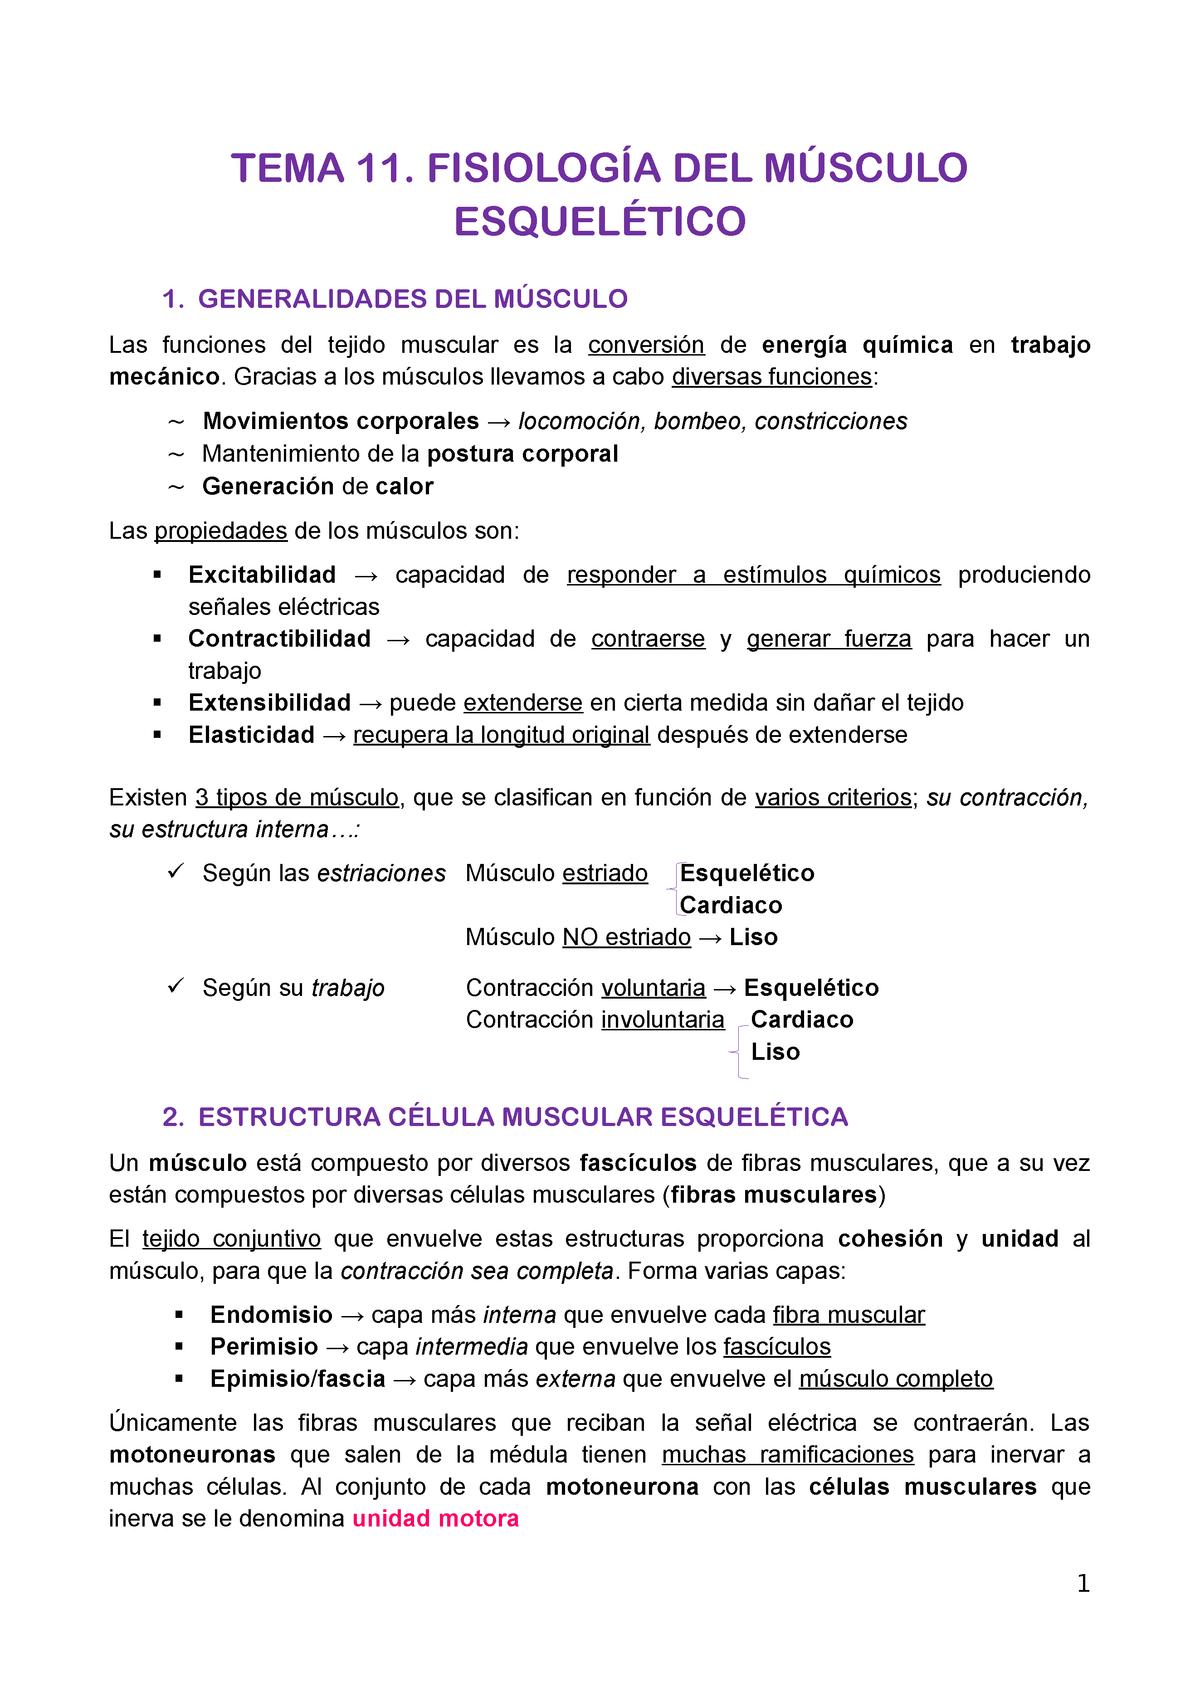 Tema 11 Fisiología Del Músculo Esquelético 9937001106